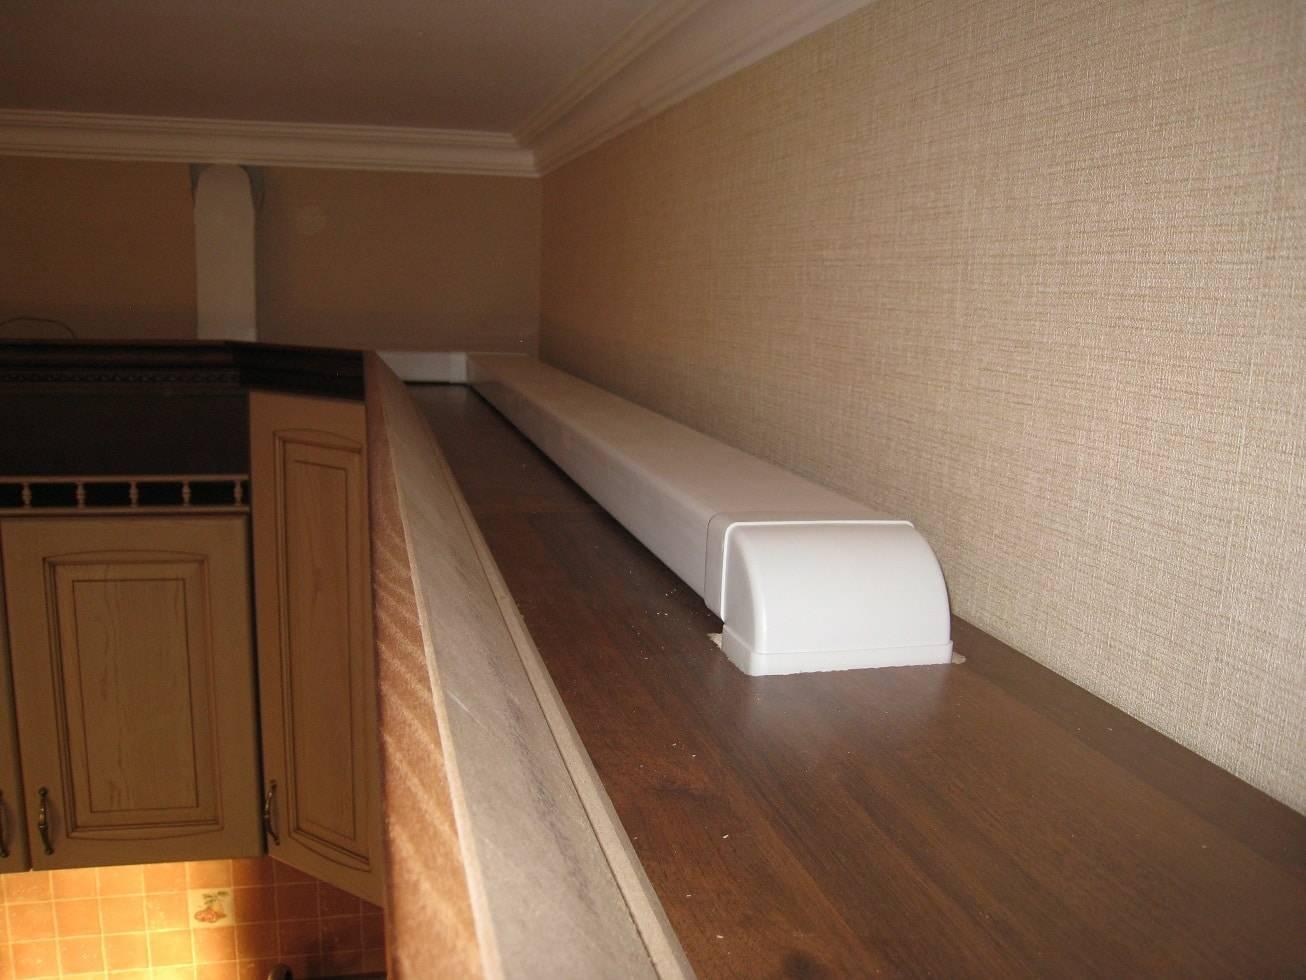 Короба для кухонной вытяжки: пластиковые, декоративные, металлические и изготовление своими руками